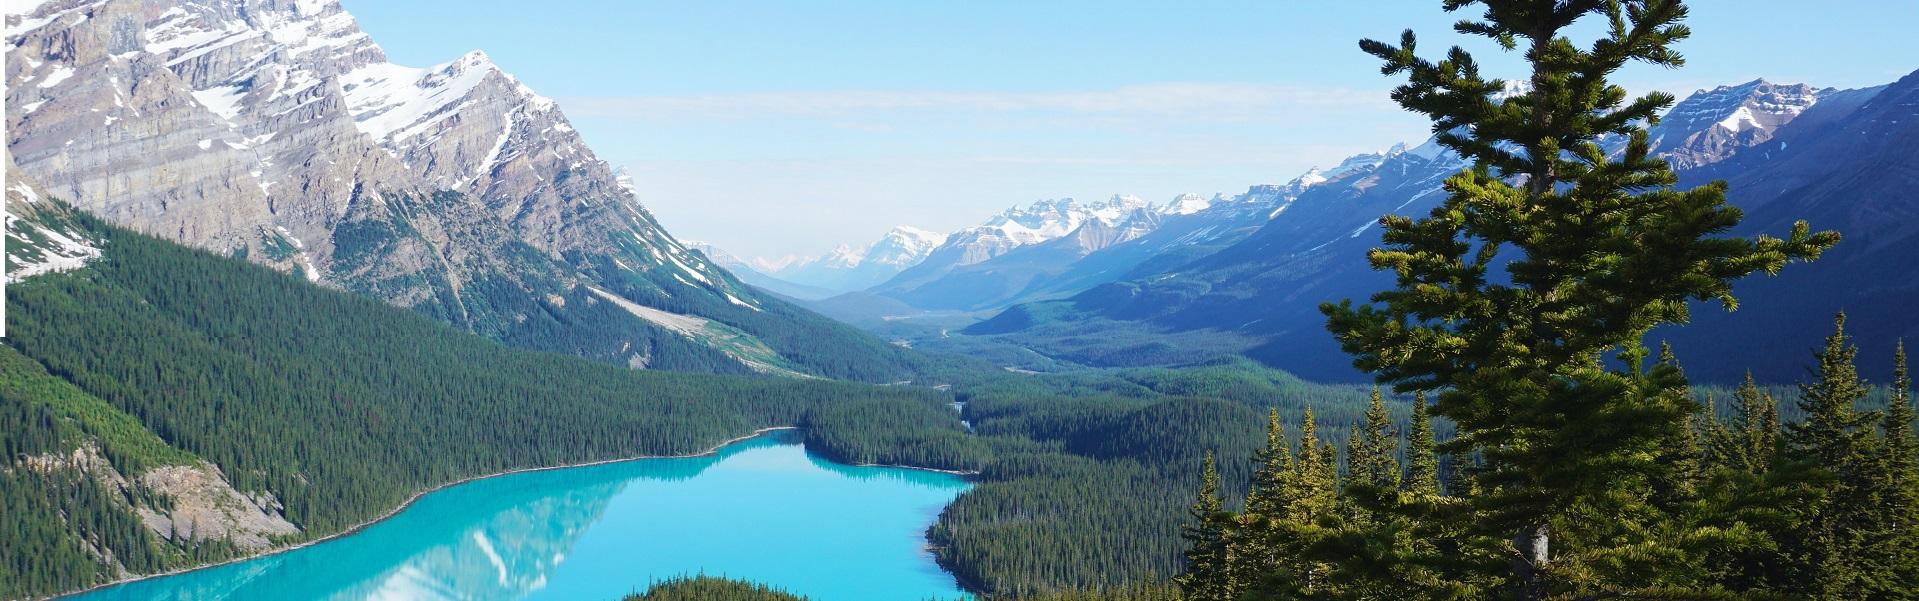 wunderschöner Bergsee von oben